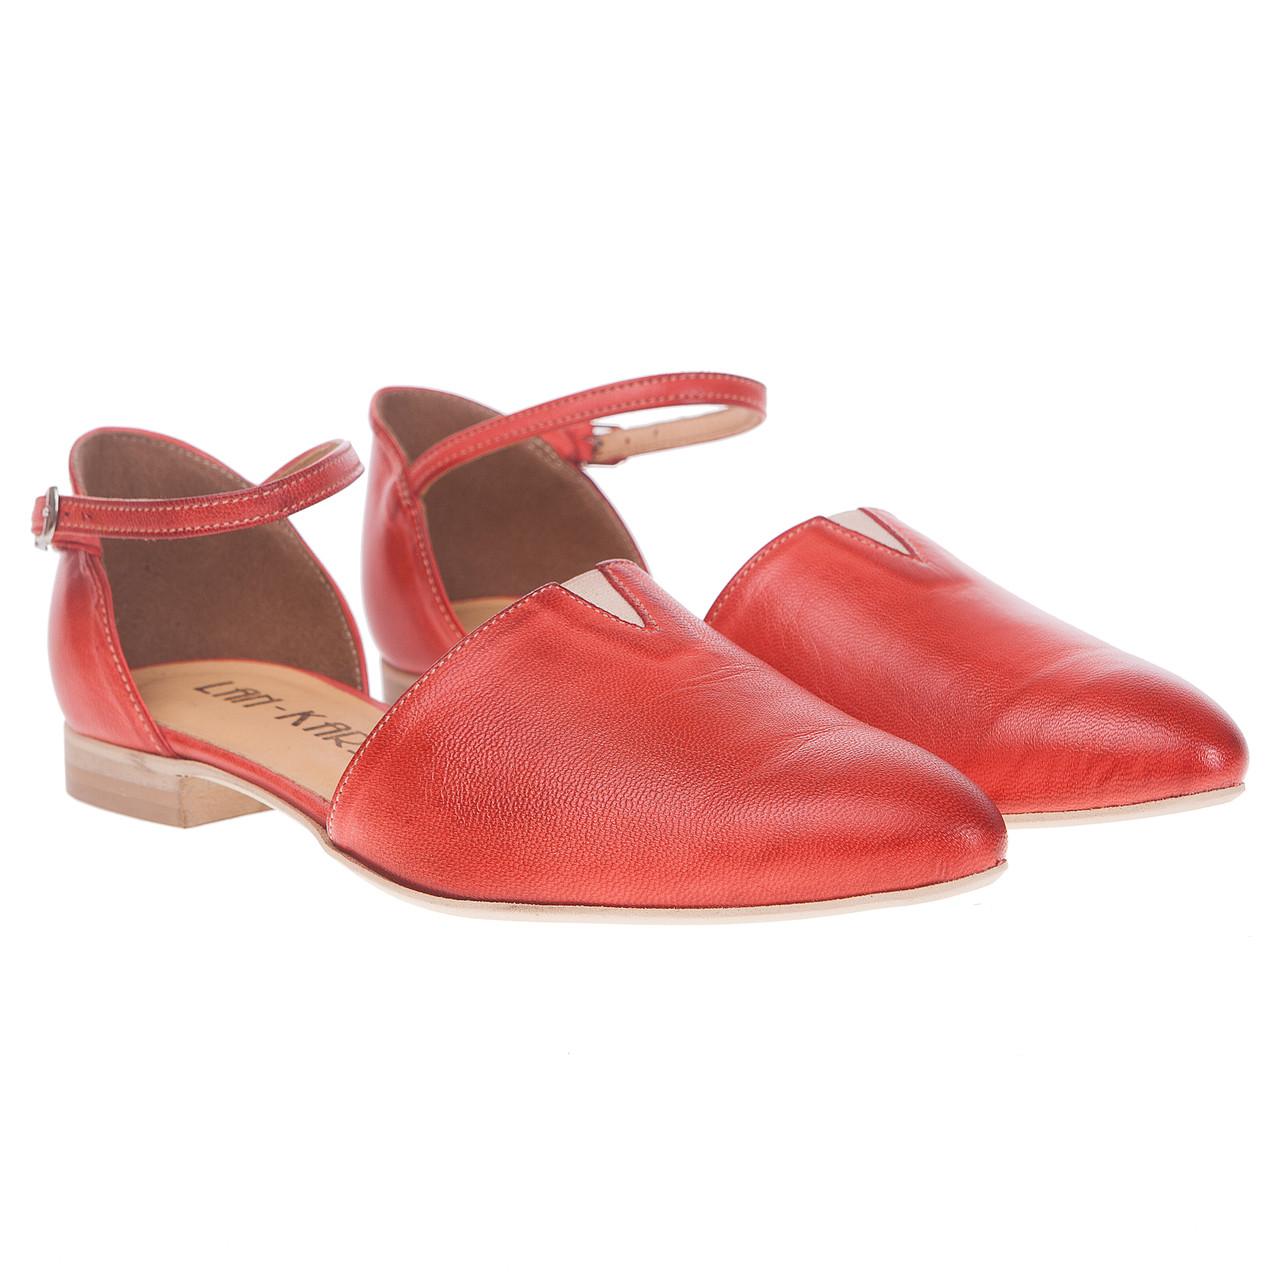 Босоножки женские Lan-Kars (кожаные, оригинальные, с закрытым носком)